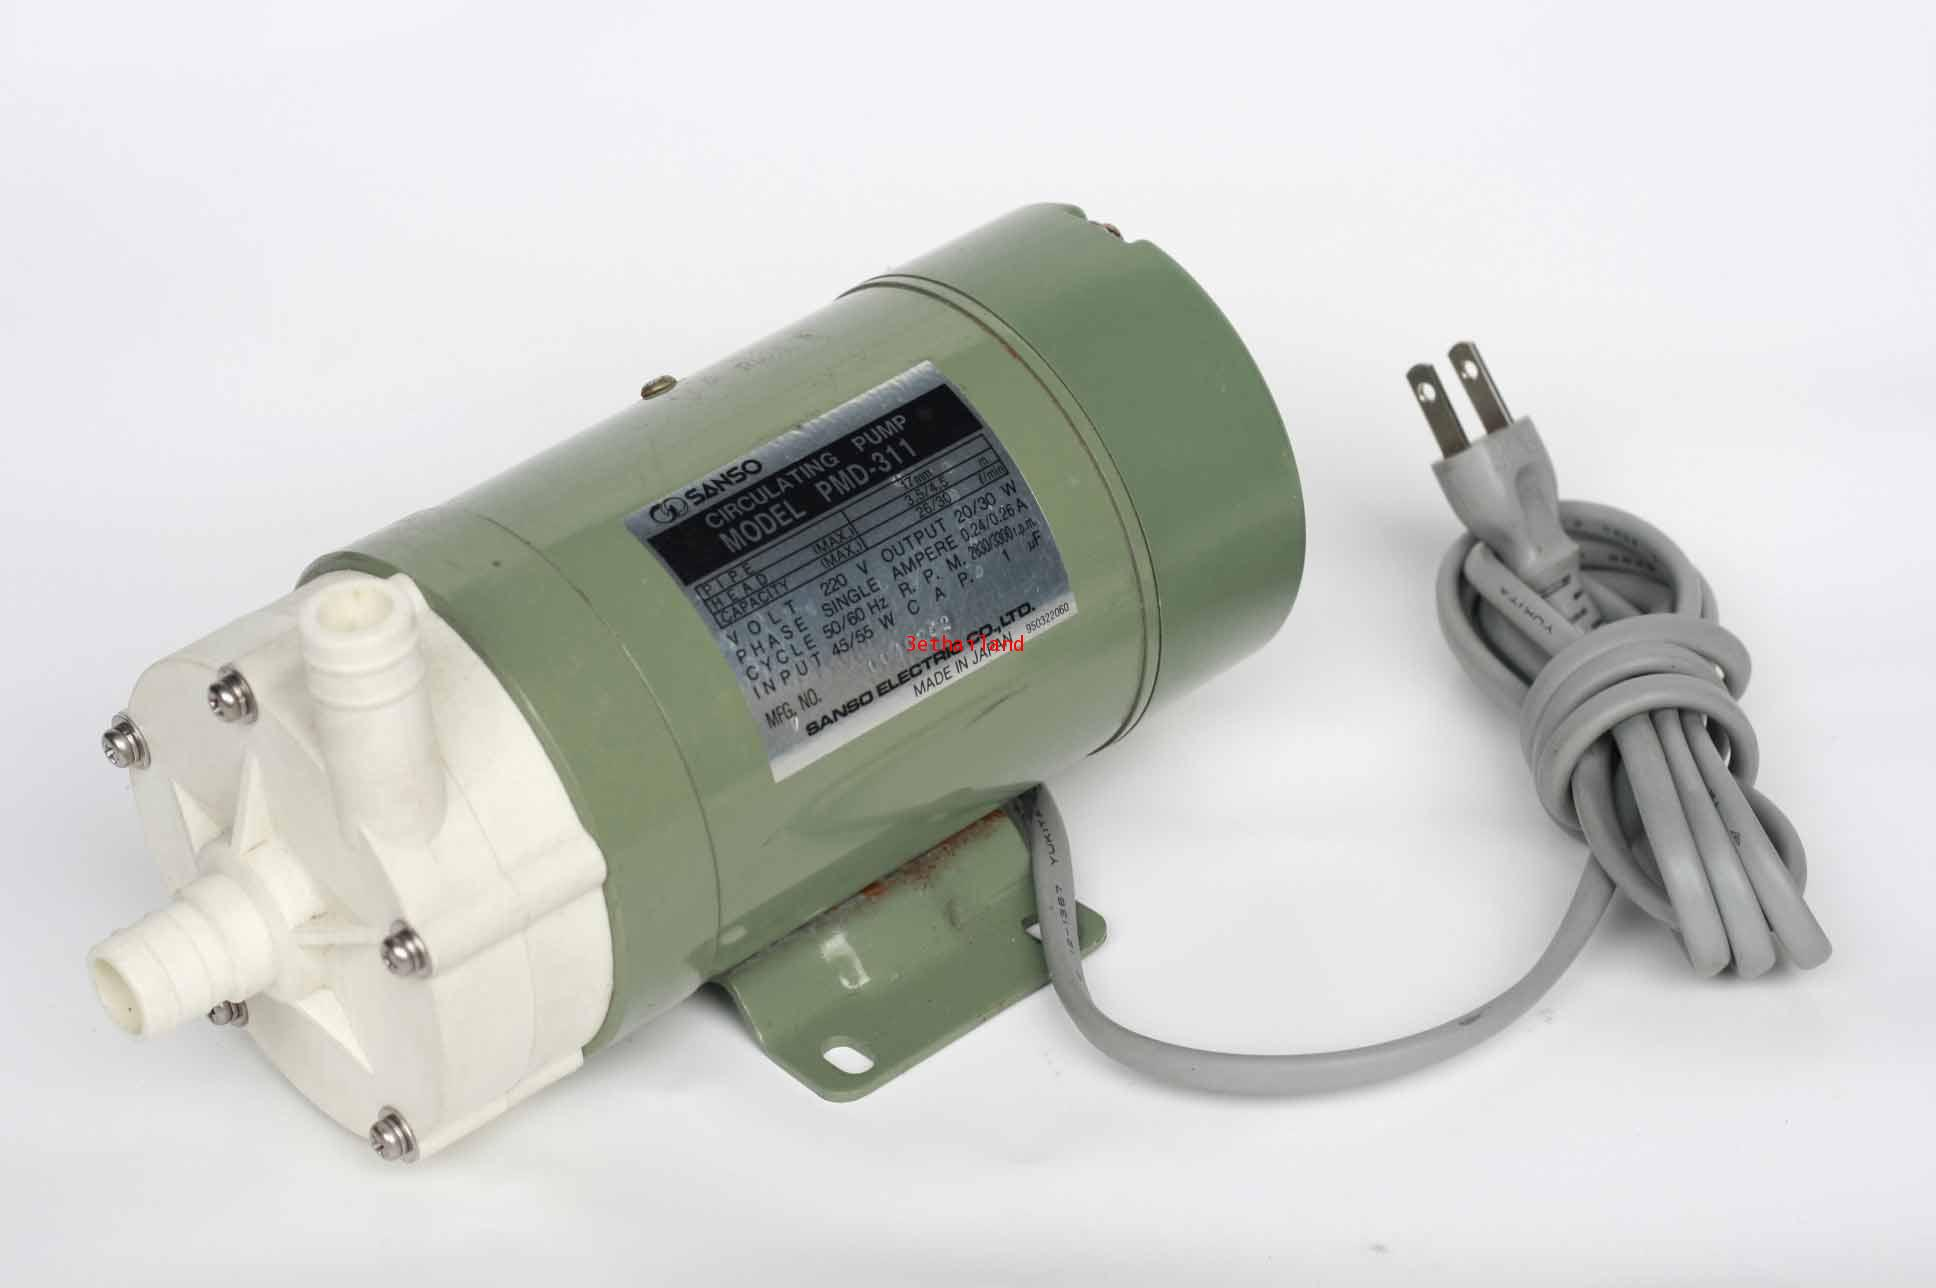 ปั้มสูบน้ำยาเคมี SANSO  รุ่น PMD-311